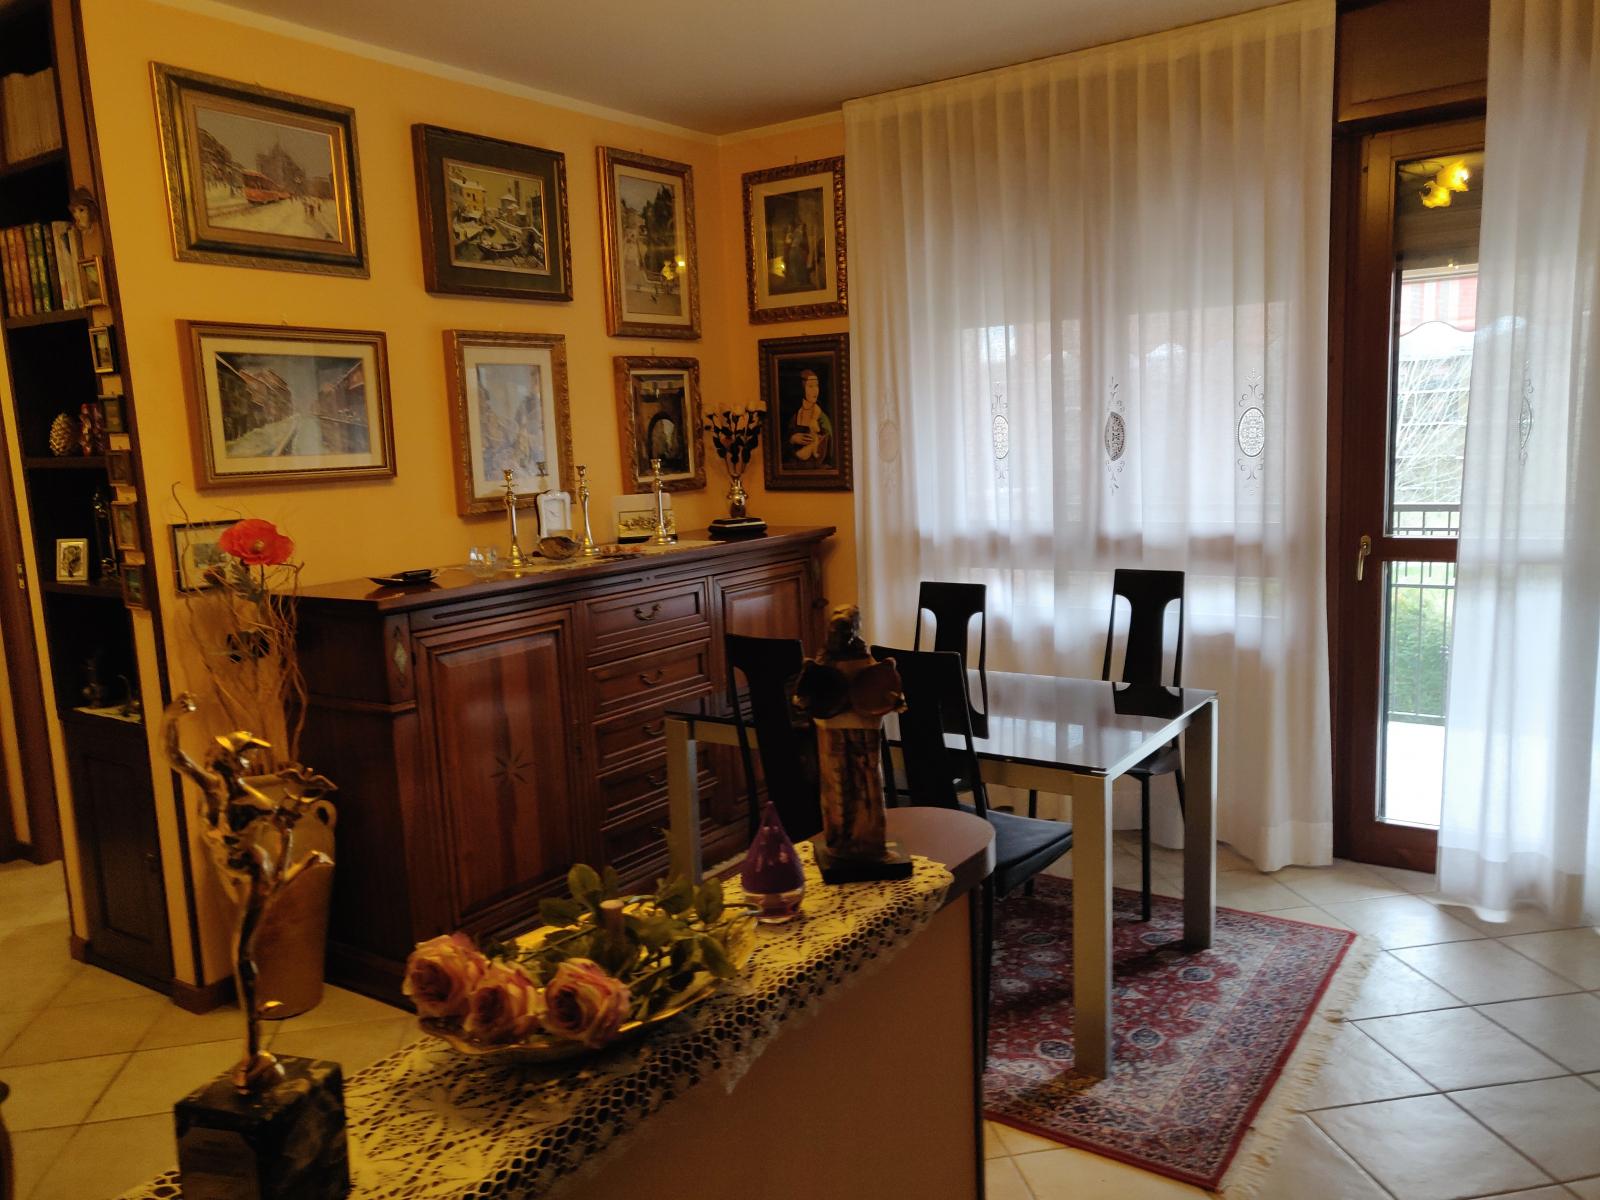 3-locali-trilocale-in-vendita-a-milano-rozzano-quinto-de-stampi-spaziourbano-immobiliare-vende-3